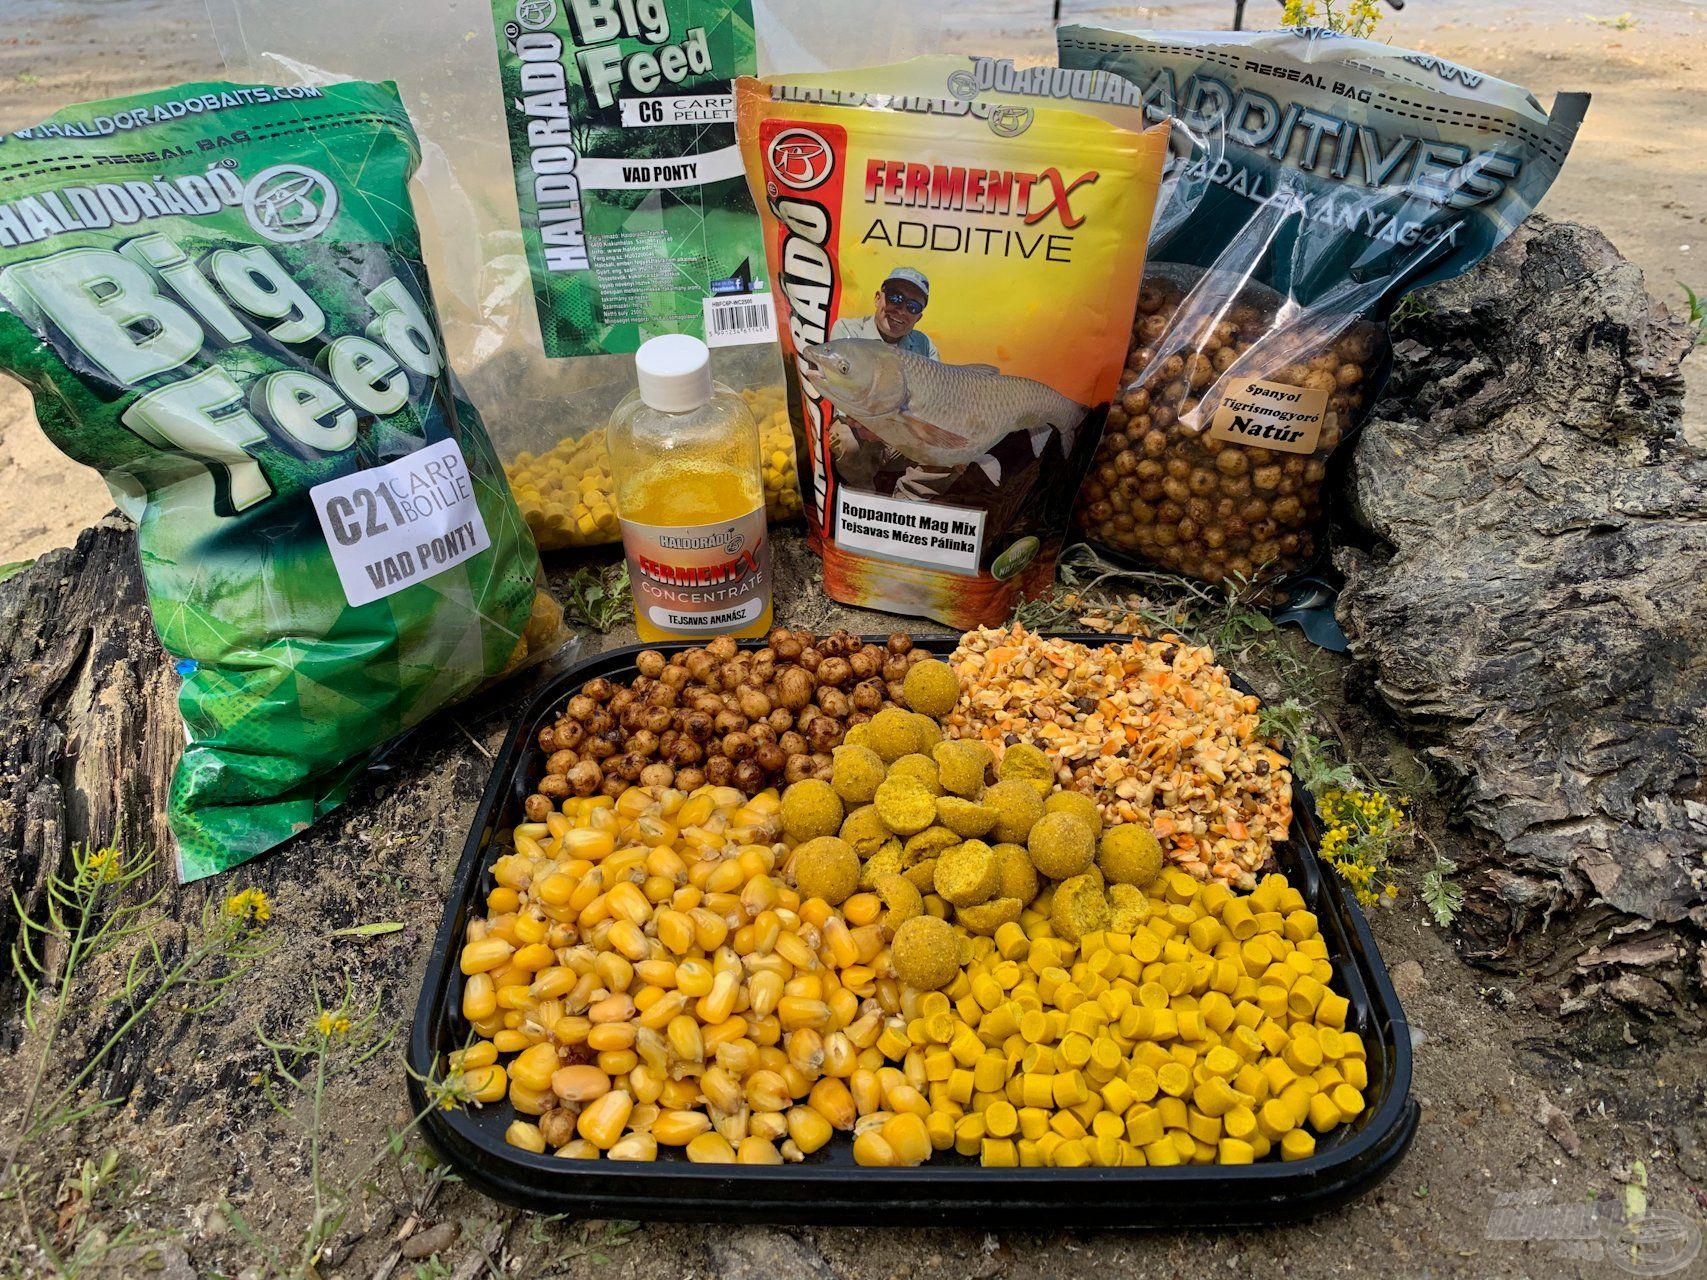 Főtt kukorica, C6 Vad Ponty pellet, C21 Vad Ponty bojli, Natúr tigrismogyoró, Roppantott mag mix – mindezt leöntöttem FermentX koncentrátummal